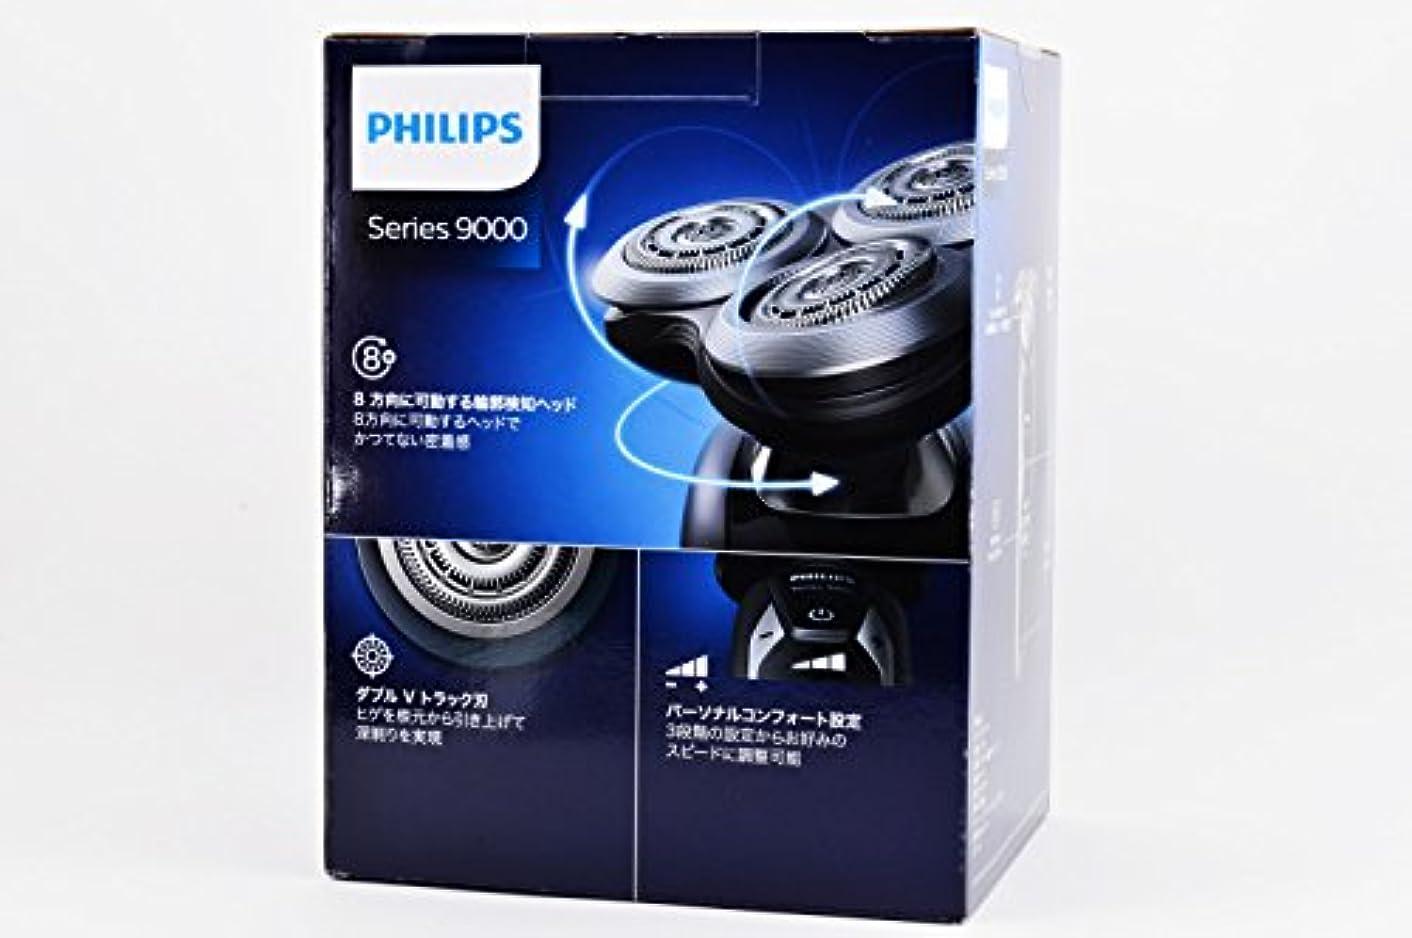 シェード傭兵コンテンツフィリップス 電気シェーバー (ブラック/シルバー)PHILIPS 9000シリーズ ウェット&ドライ S9732/33